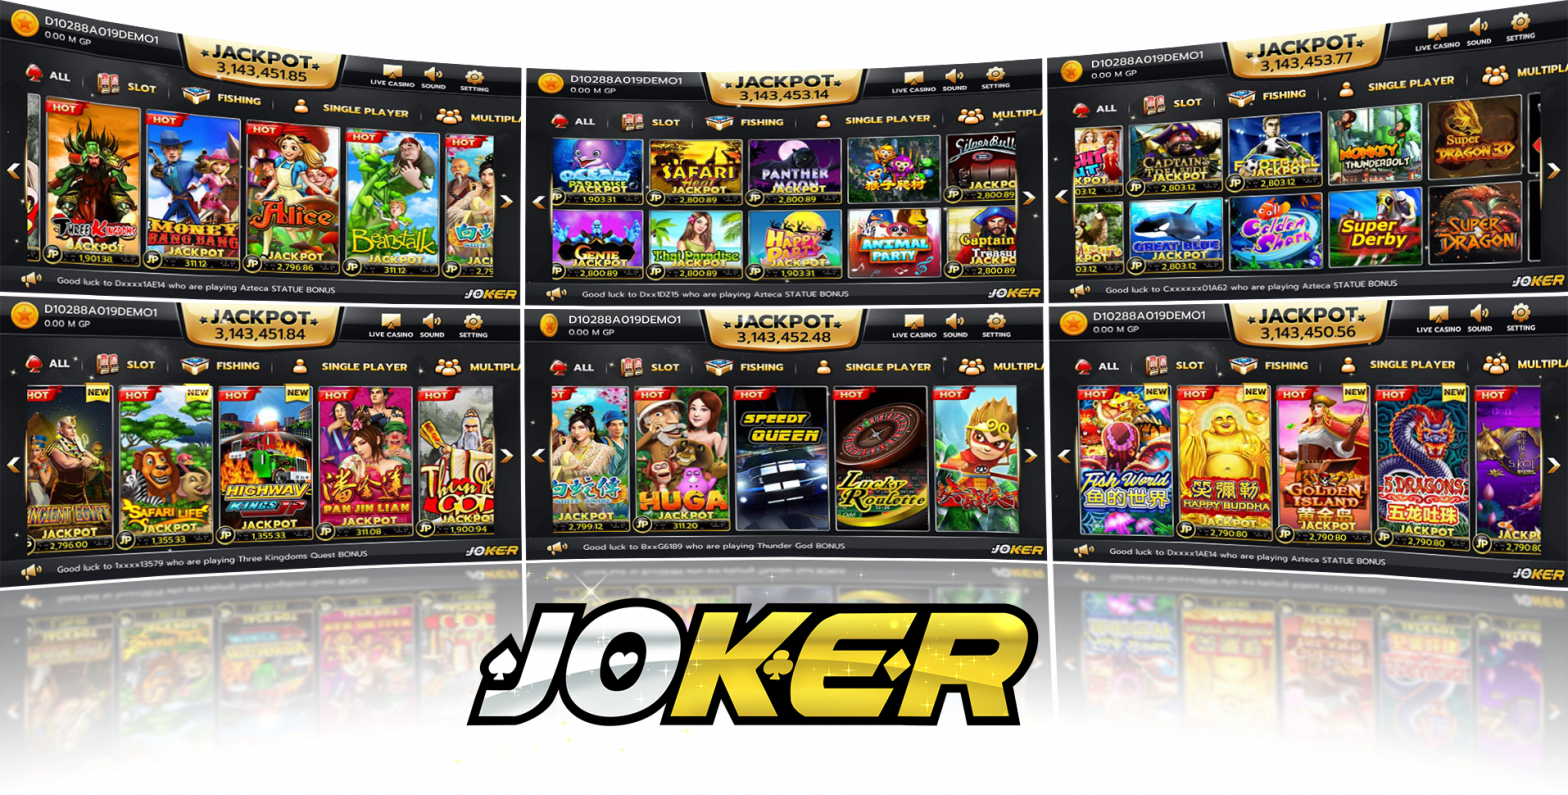 Cara Bermain Joker123 Terbaru